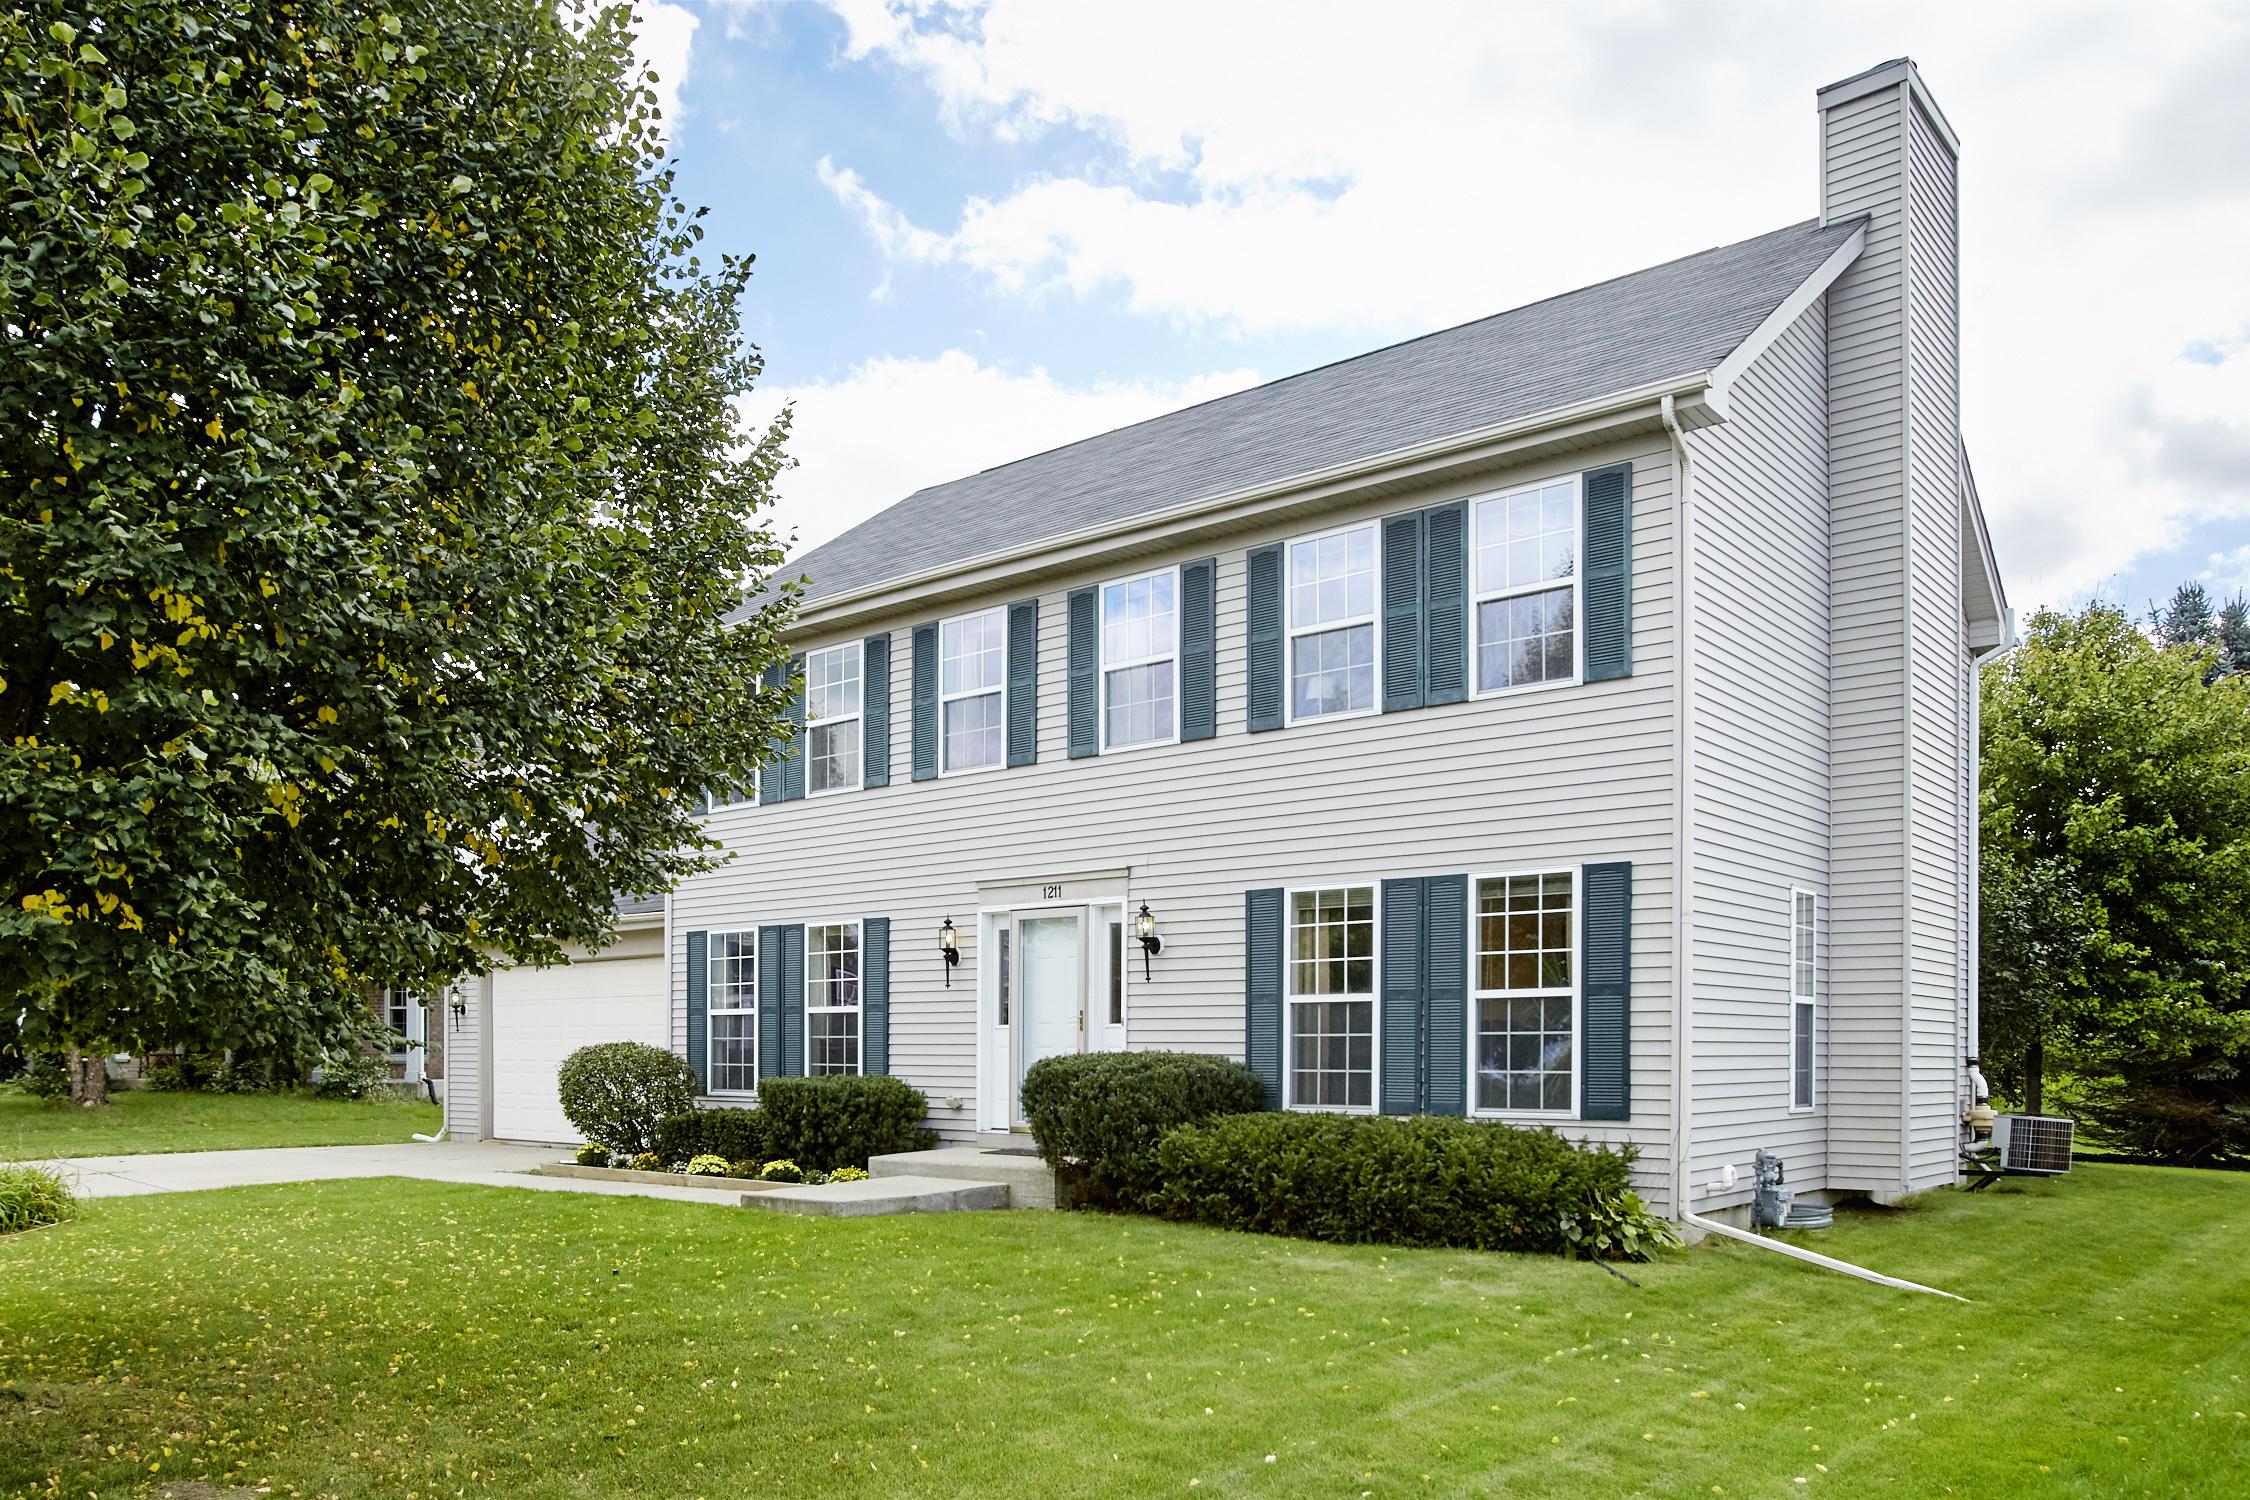 1211 Kestrel Ct, Waukesha, Wisconsin 53189, 4 Bedrooms Bedrooms, 7 Rooms Rooms,2 BathroomsBathrooms,Single-Family,For Sale,Kestrel Ct,1607422